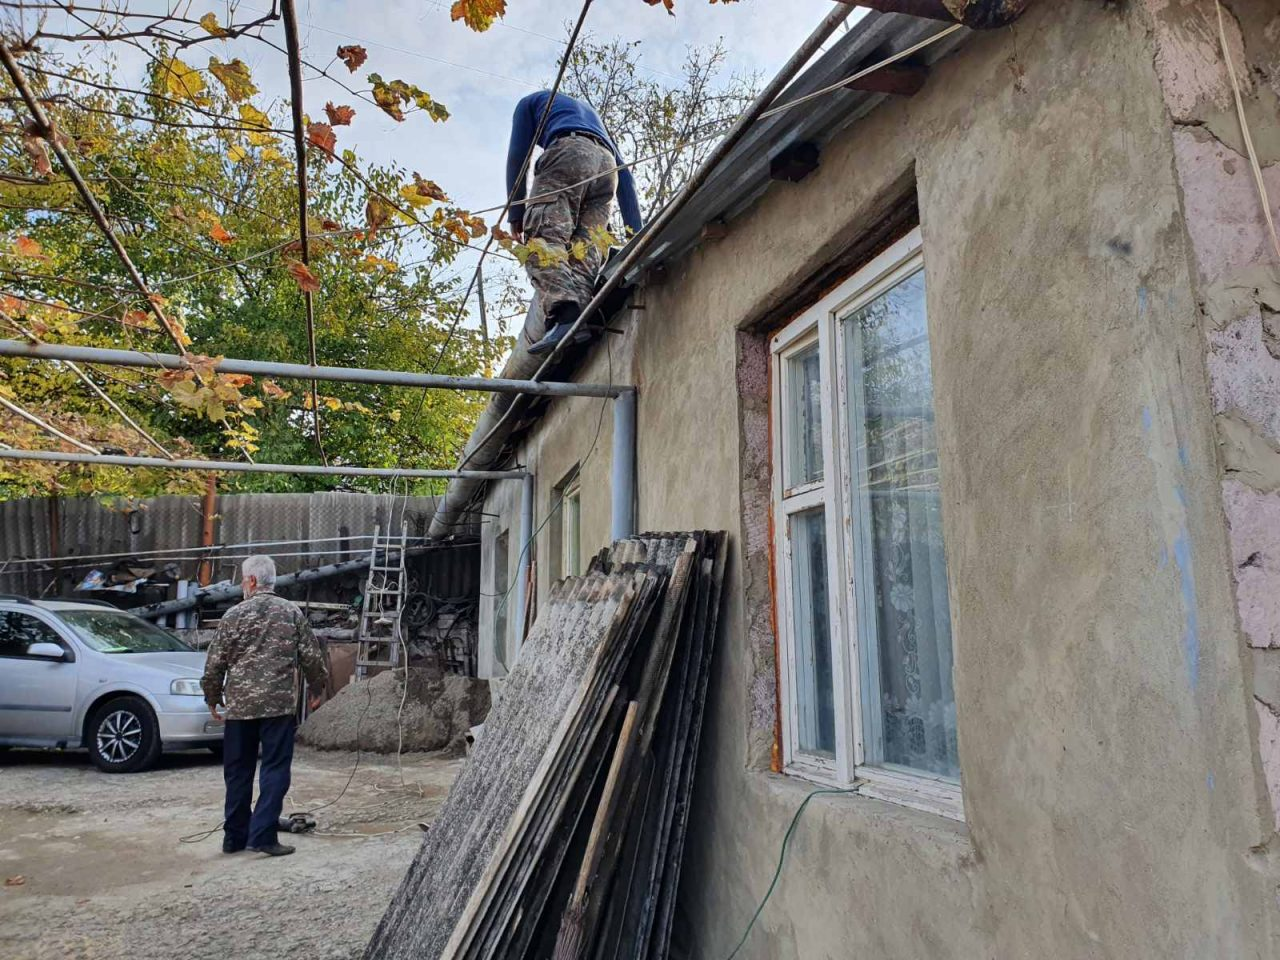 Վիվա-ՄՏՍ-ի աջակցությամբ՝ սահմանապահ Այգեպարում բնակվող Փայտյանների ընտանիքը վերսկսել է շինարարությունը